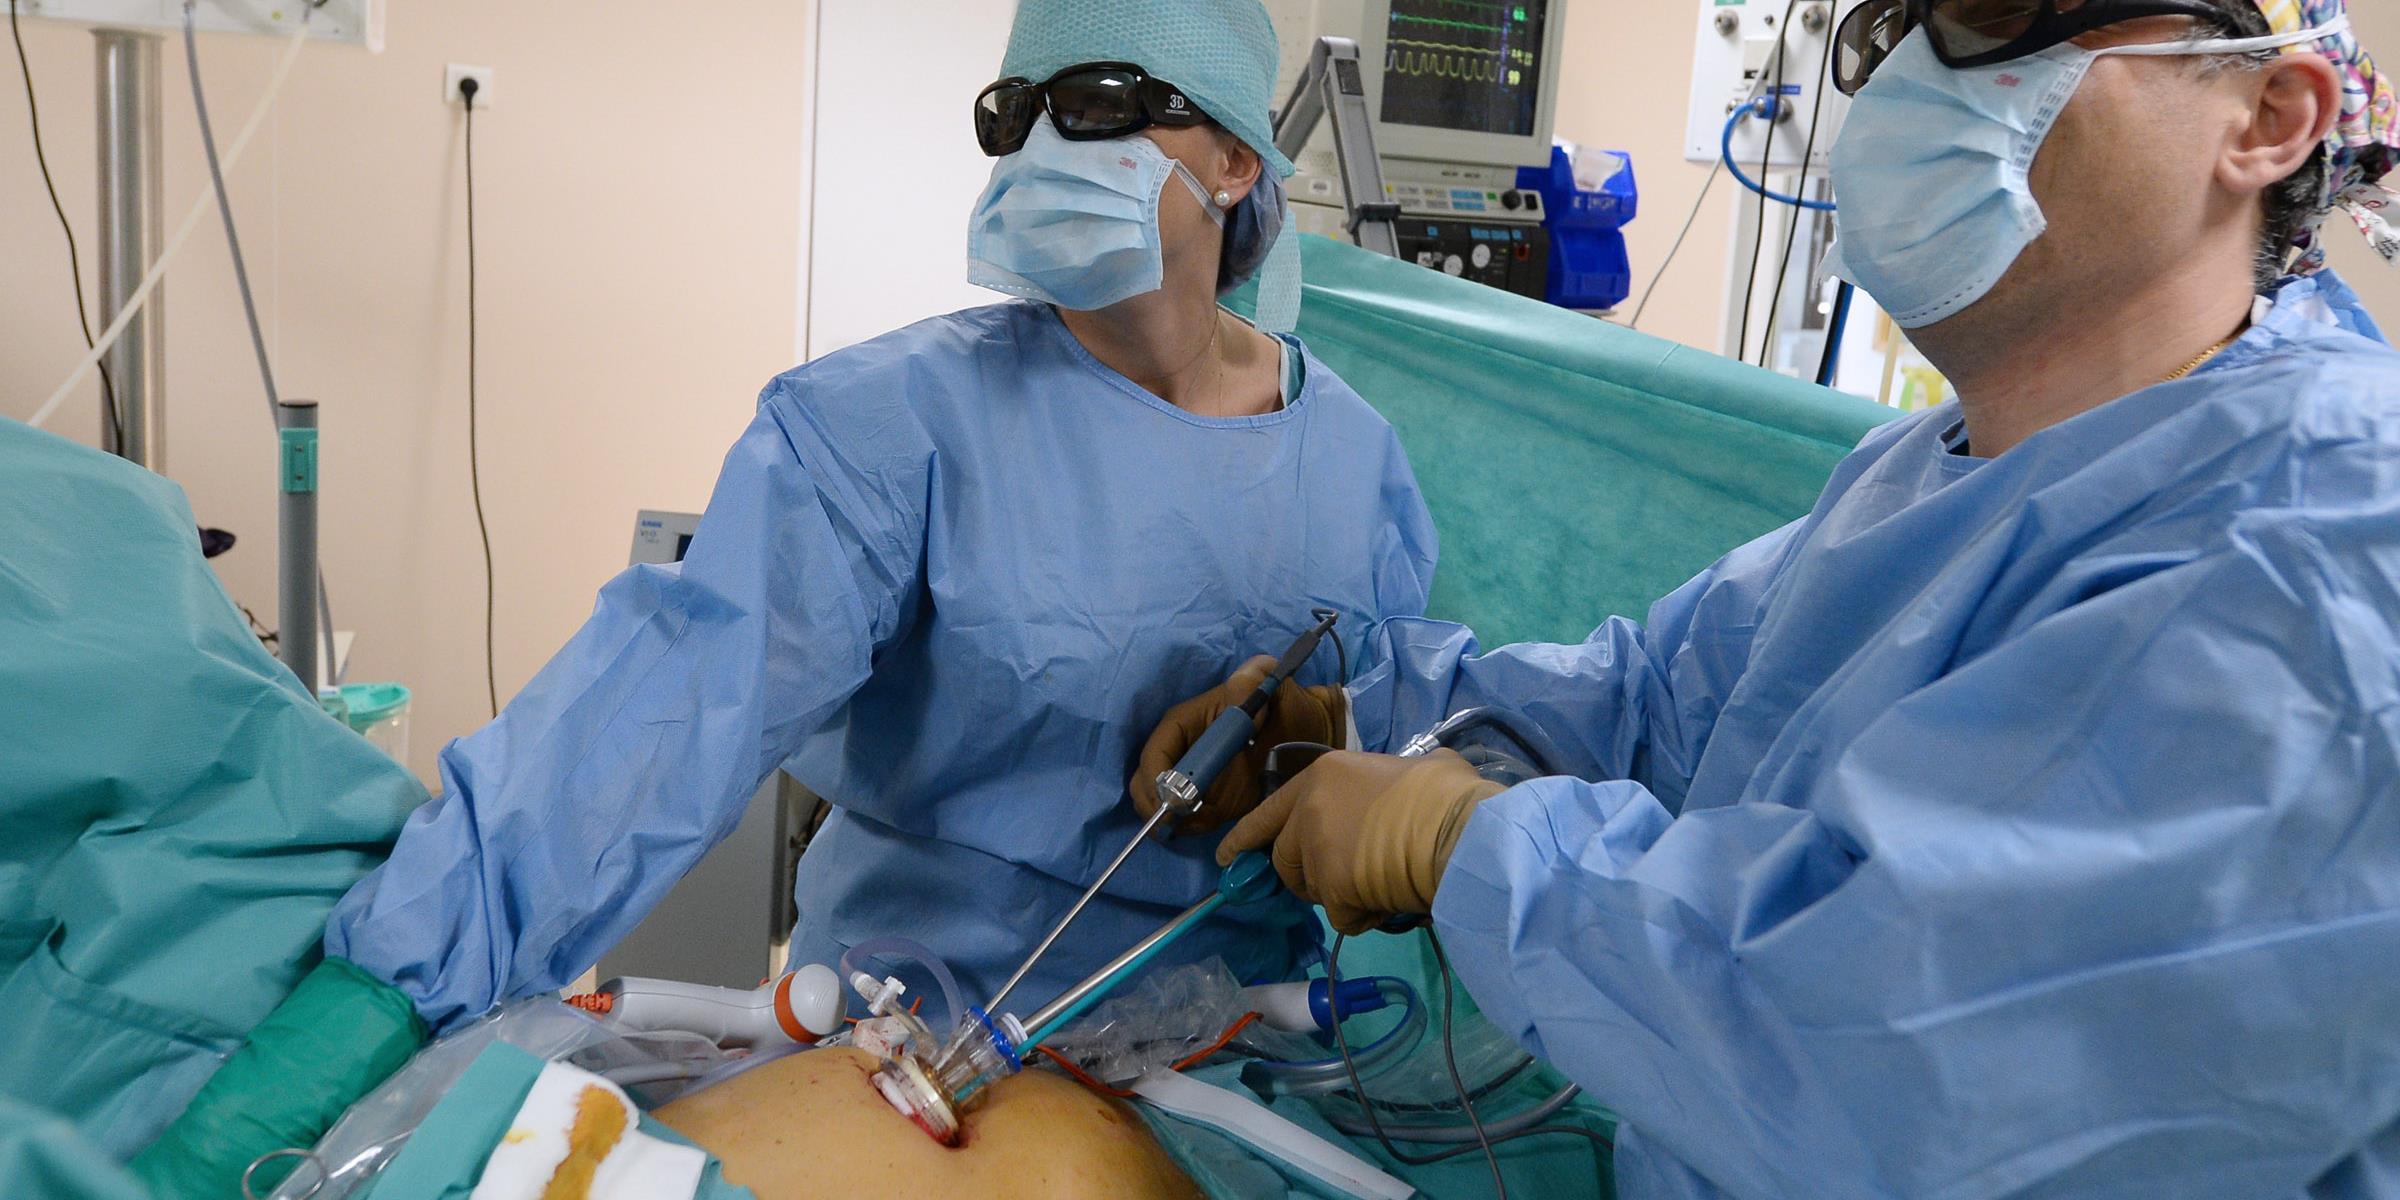 Itt a biztos fogyás titka: gyomorszűkítés műtét nélkül